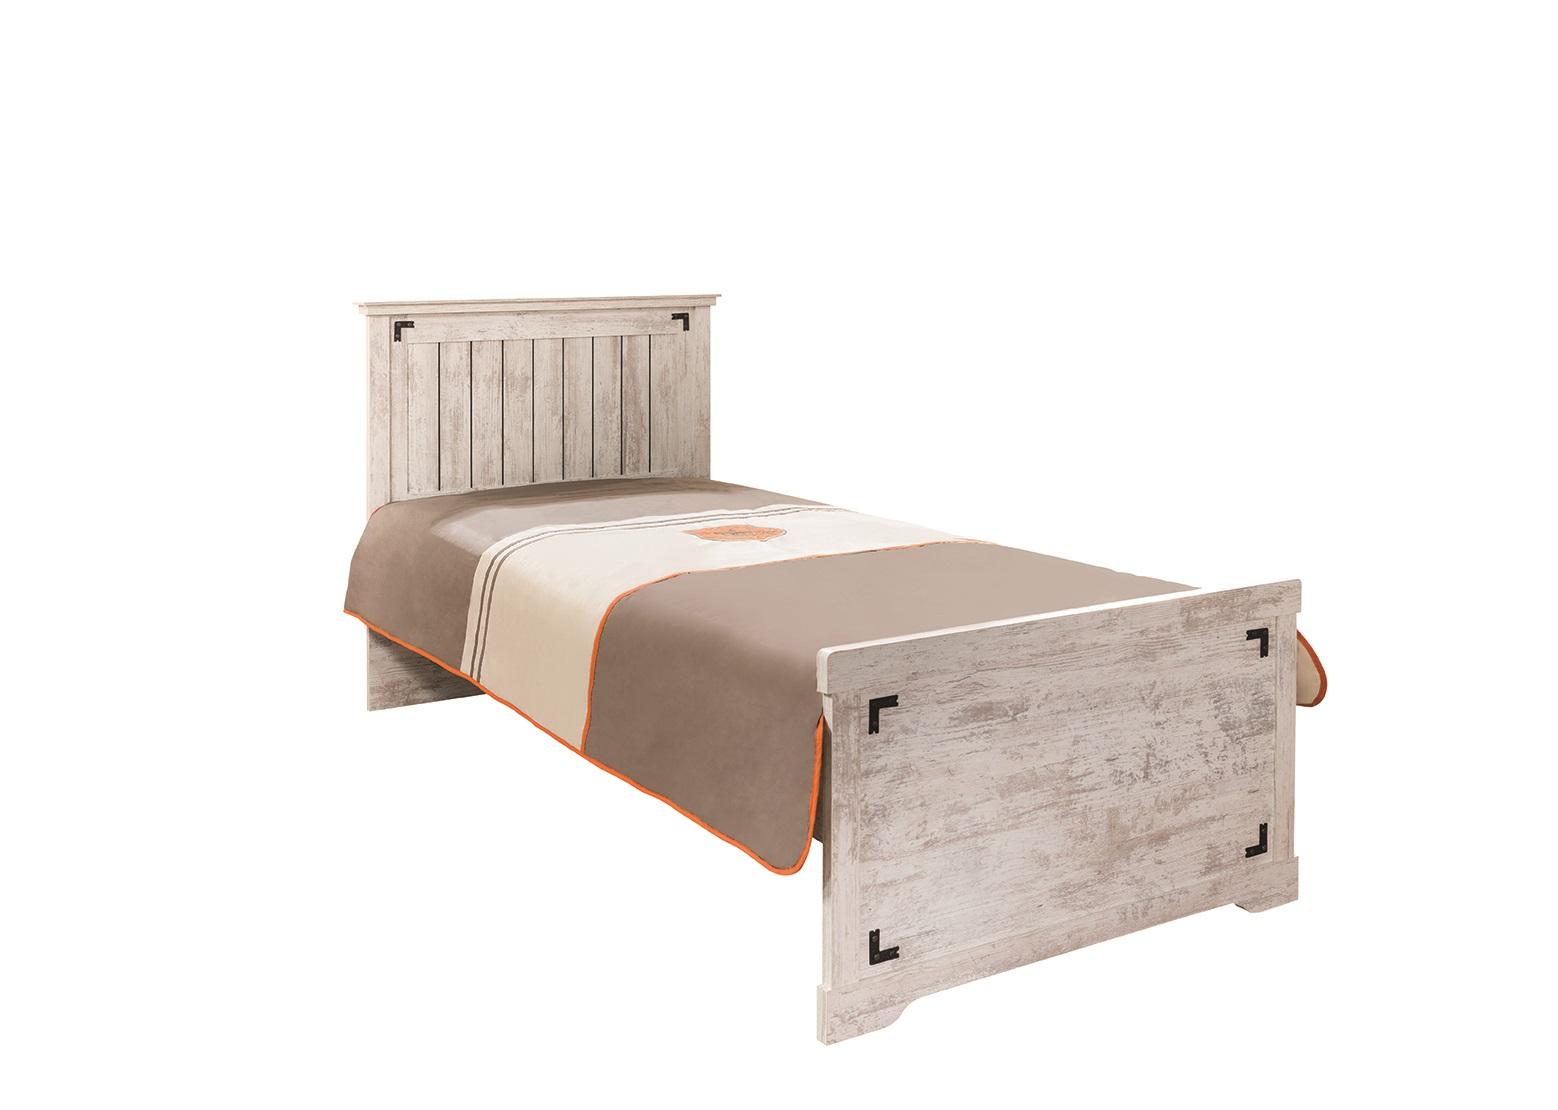 Bett 90x200 Cm Woodlife In Weiss Im Landhausstil Kaufen Bei Kapa Mobel